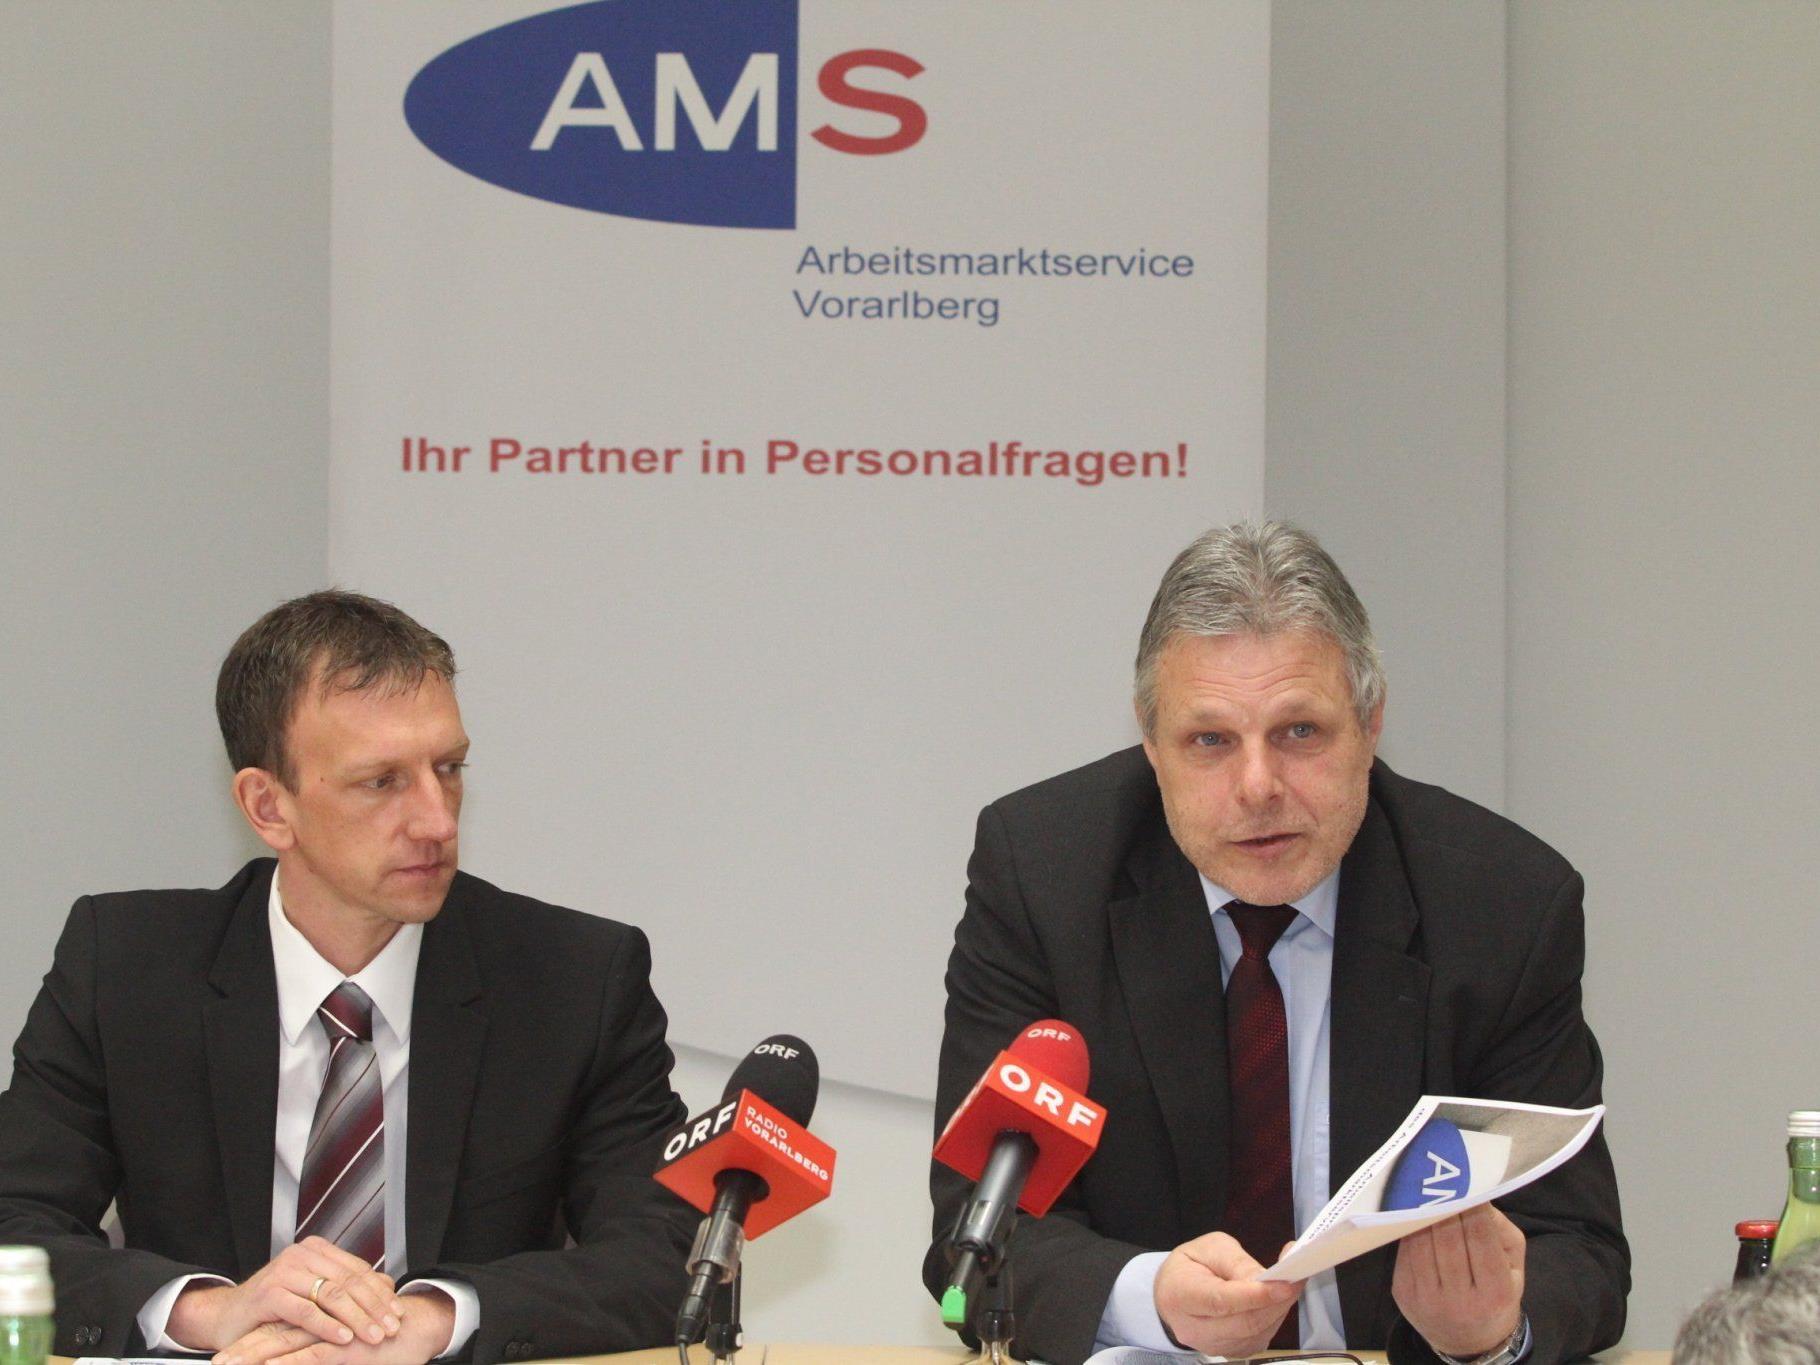 AMS-Pressekonferenz zum Arbeitsprogramm 2012.